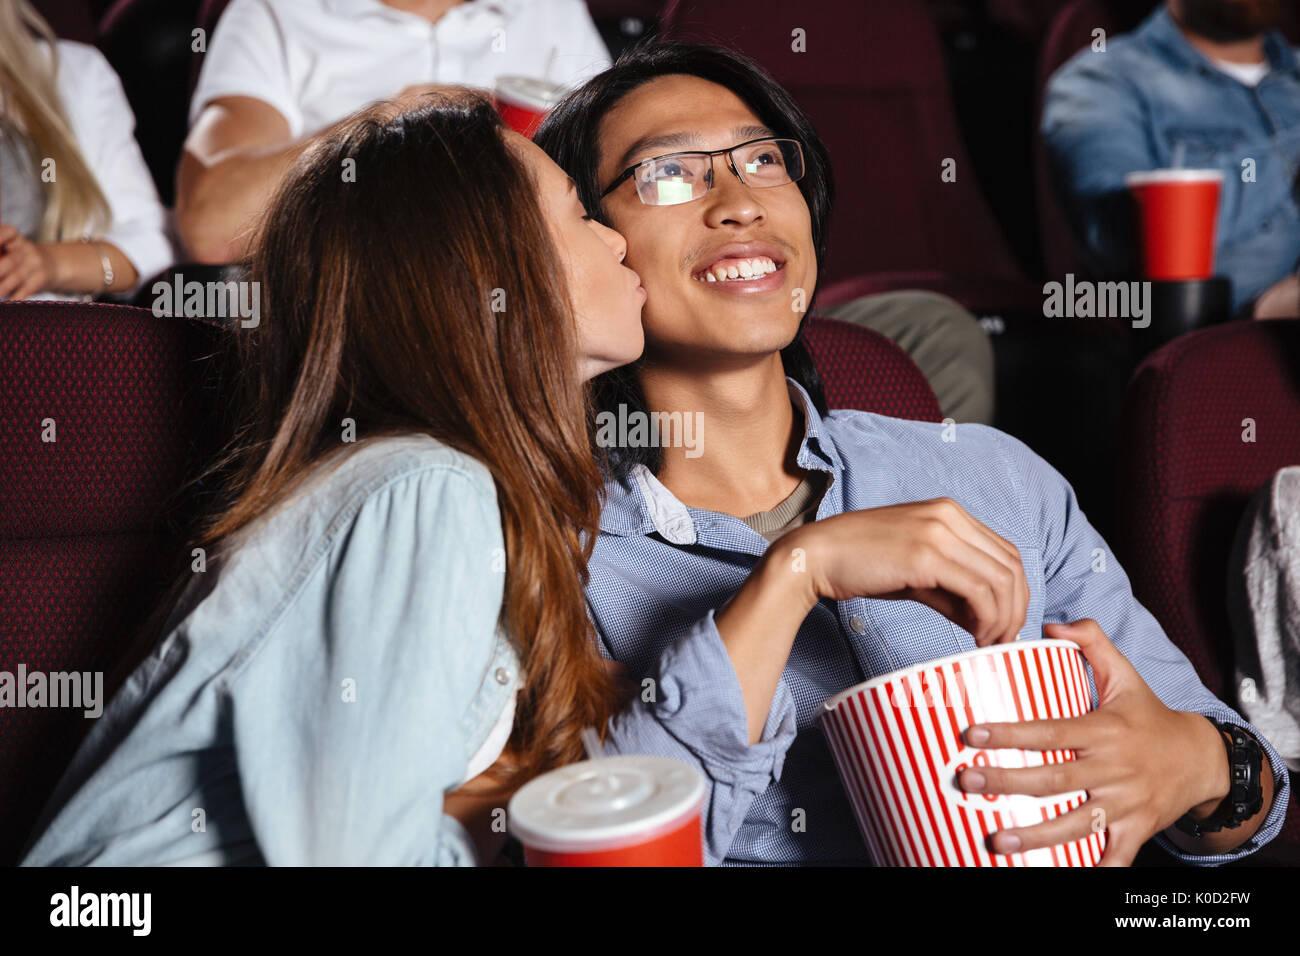 Image der jungen Liebenden paar sitzen im Kino film ansehen und küssen Stockbild